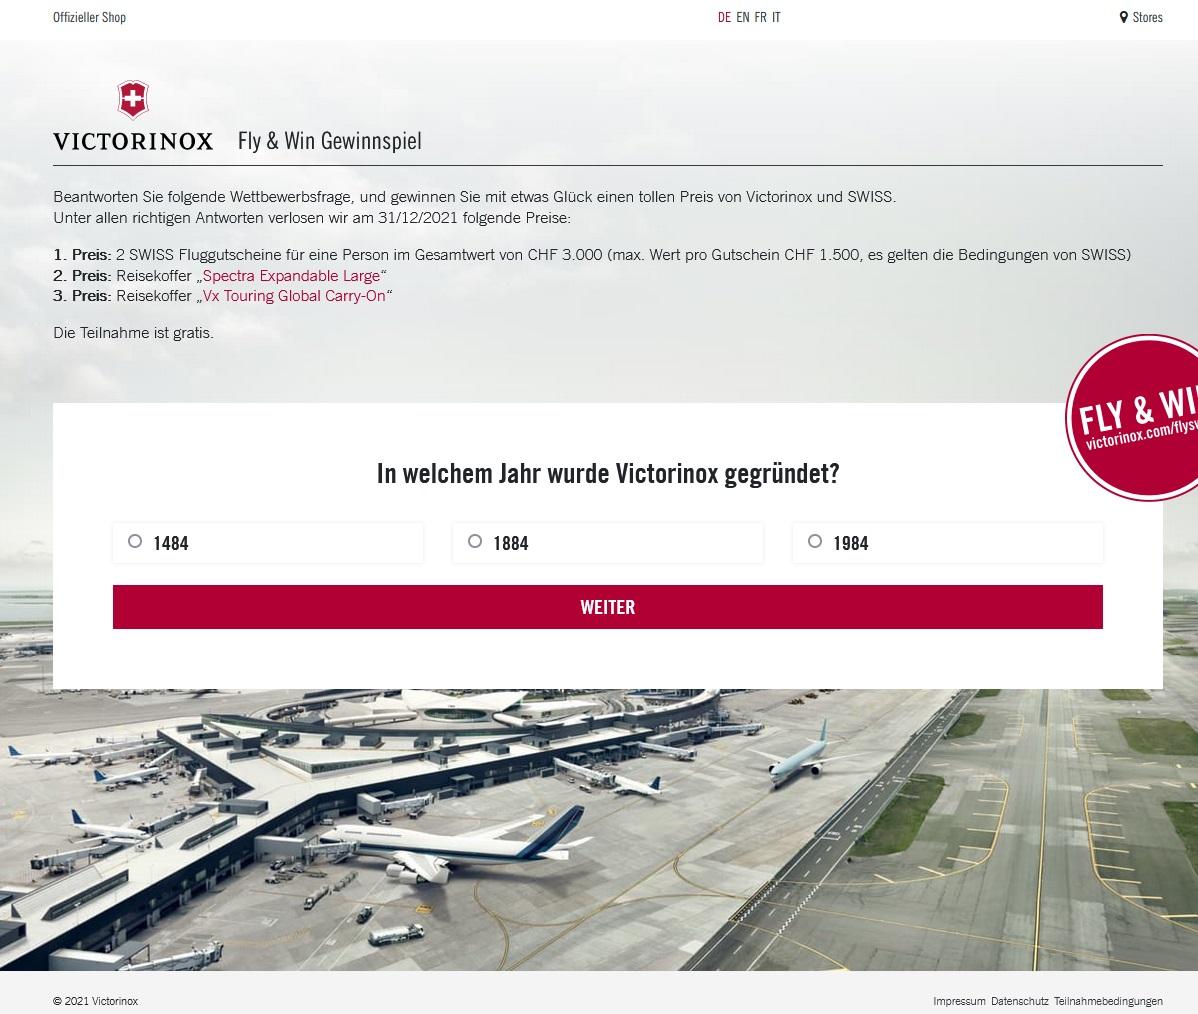 Jetzt 2 Fluggutscheine & 2 Reisekoffer gewinnen Victorinox & SWISS Gewinnspiel